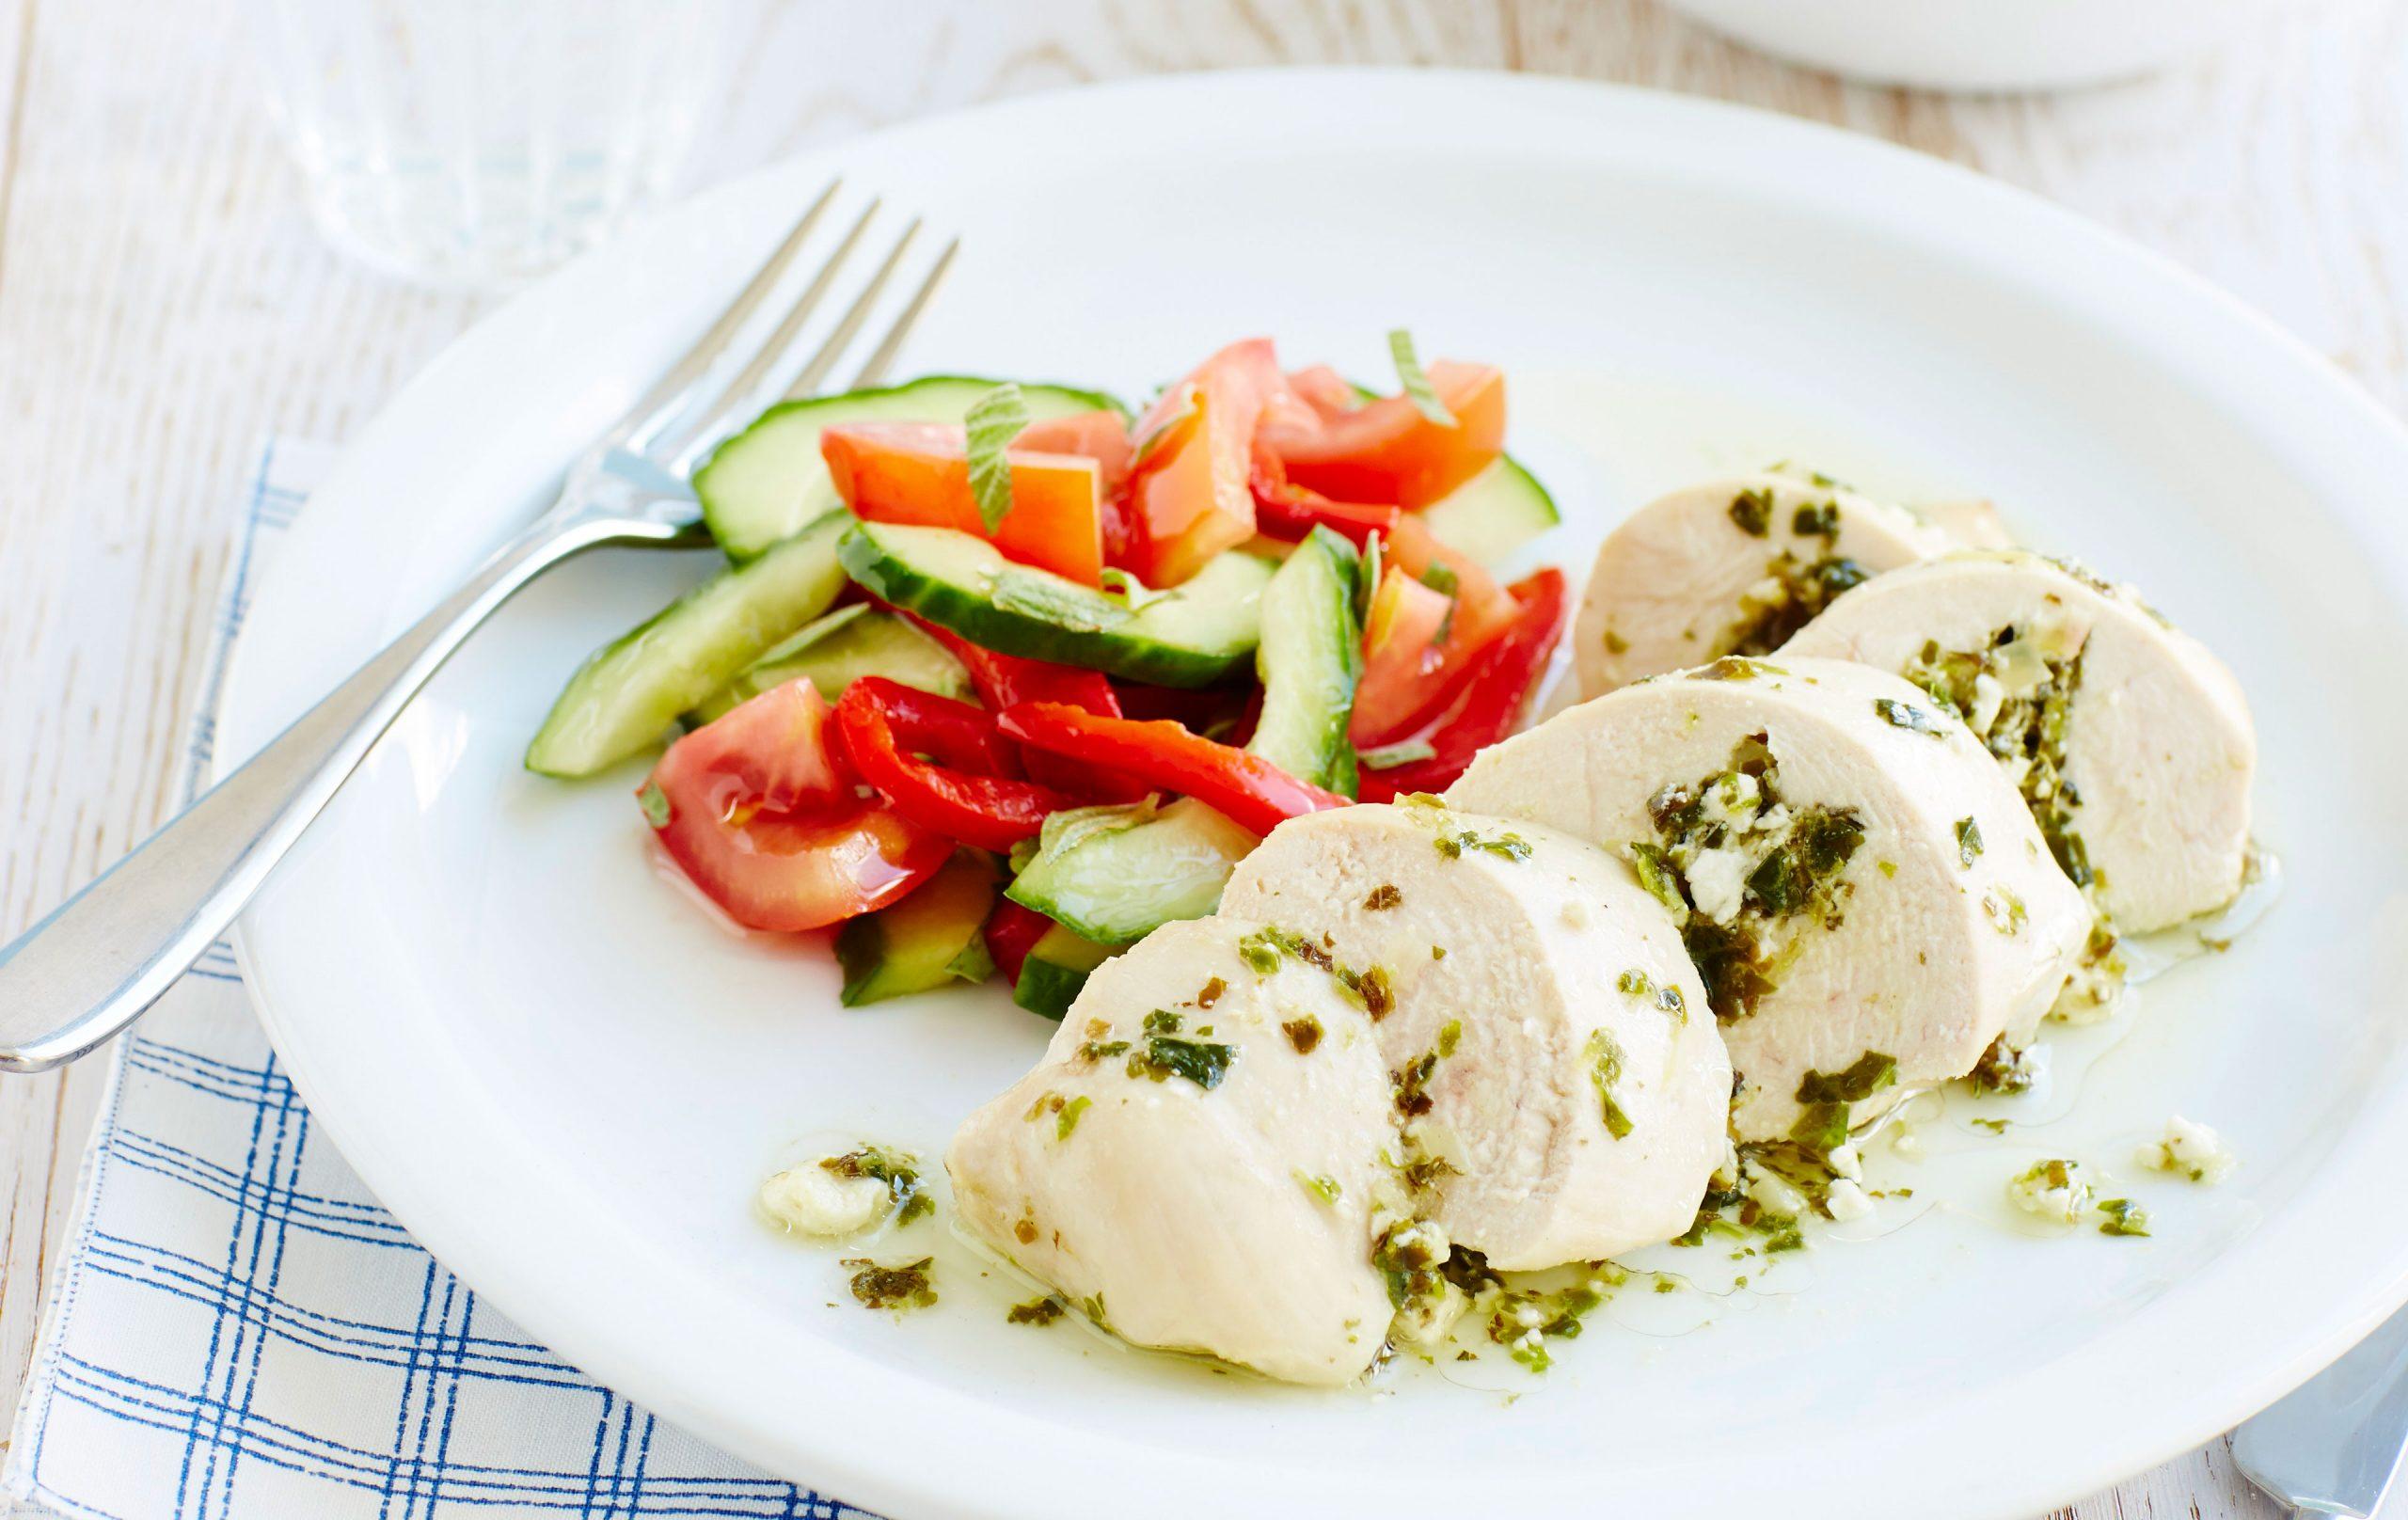 Poulet et salade à la grecque